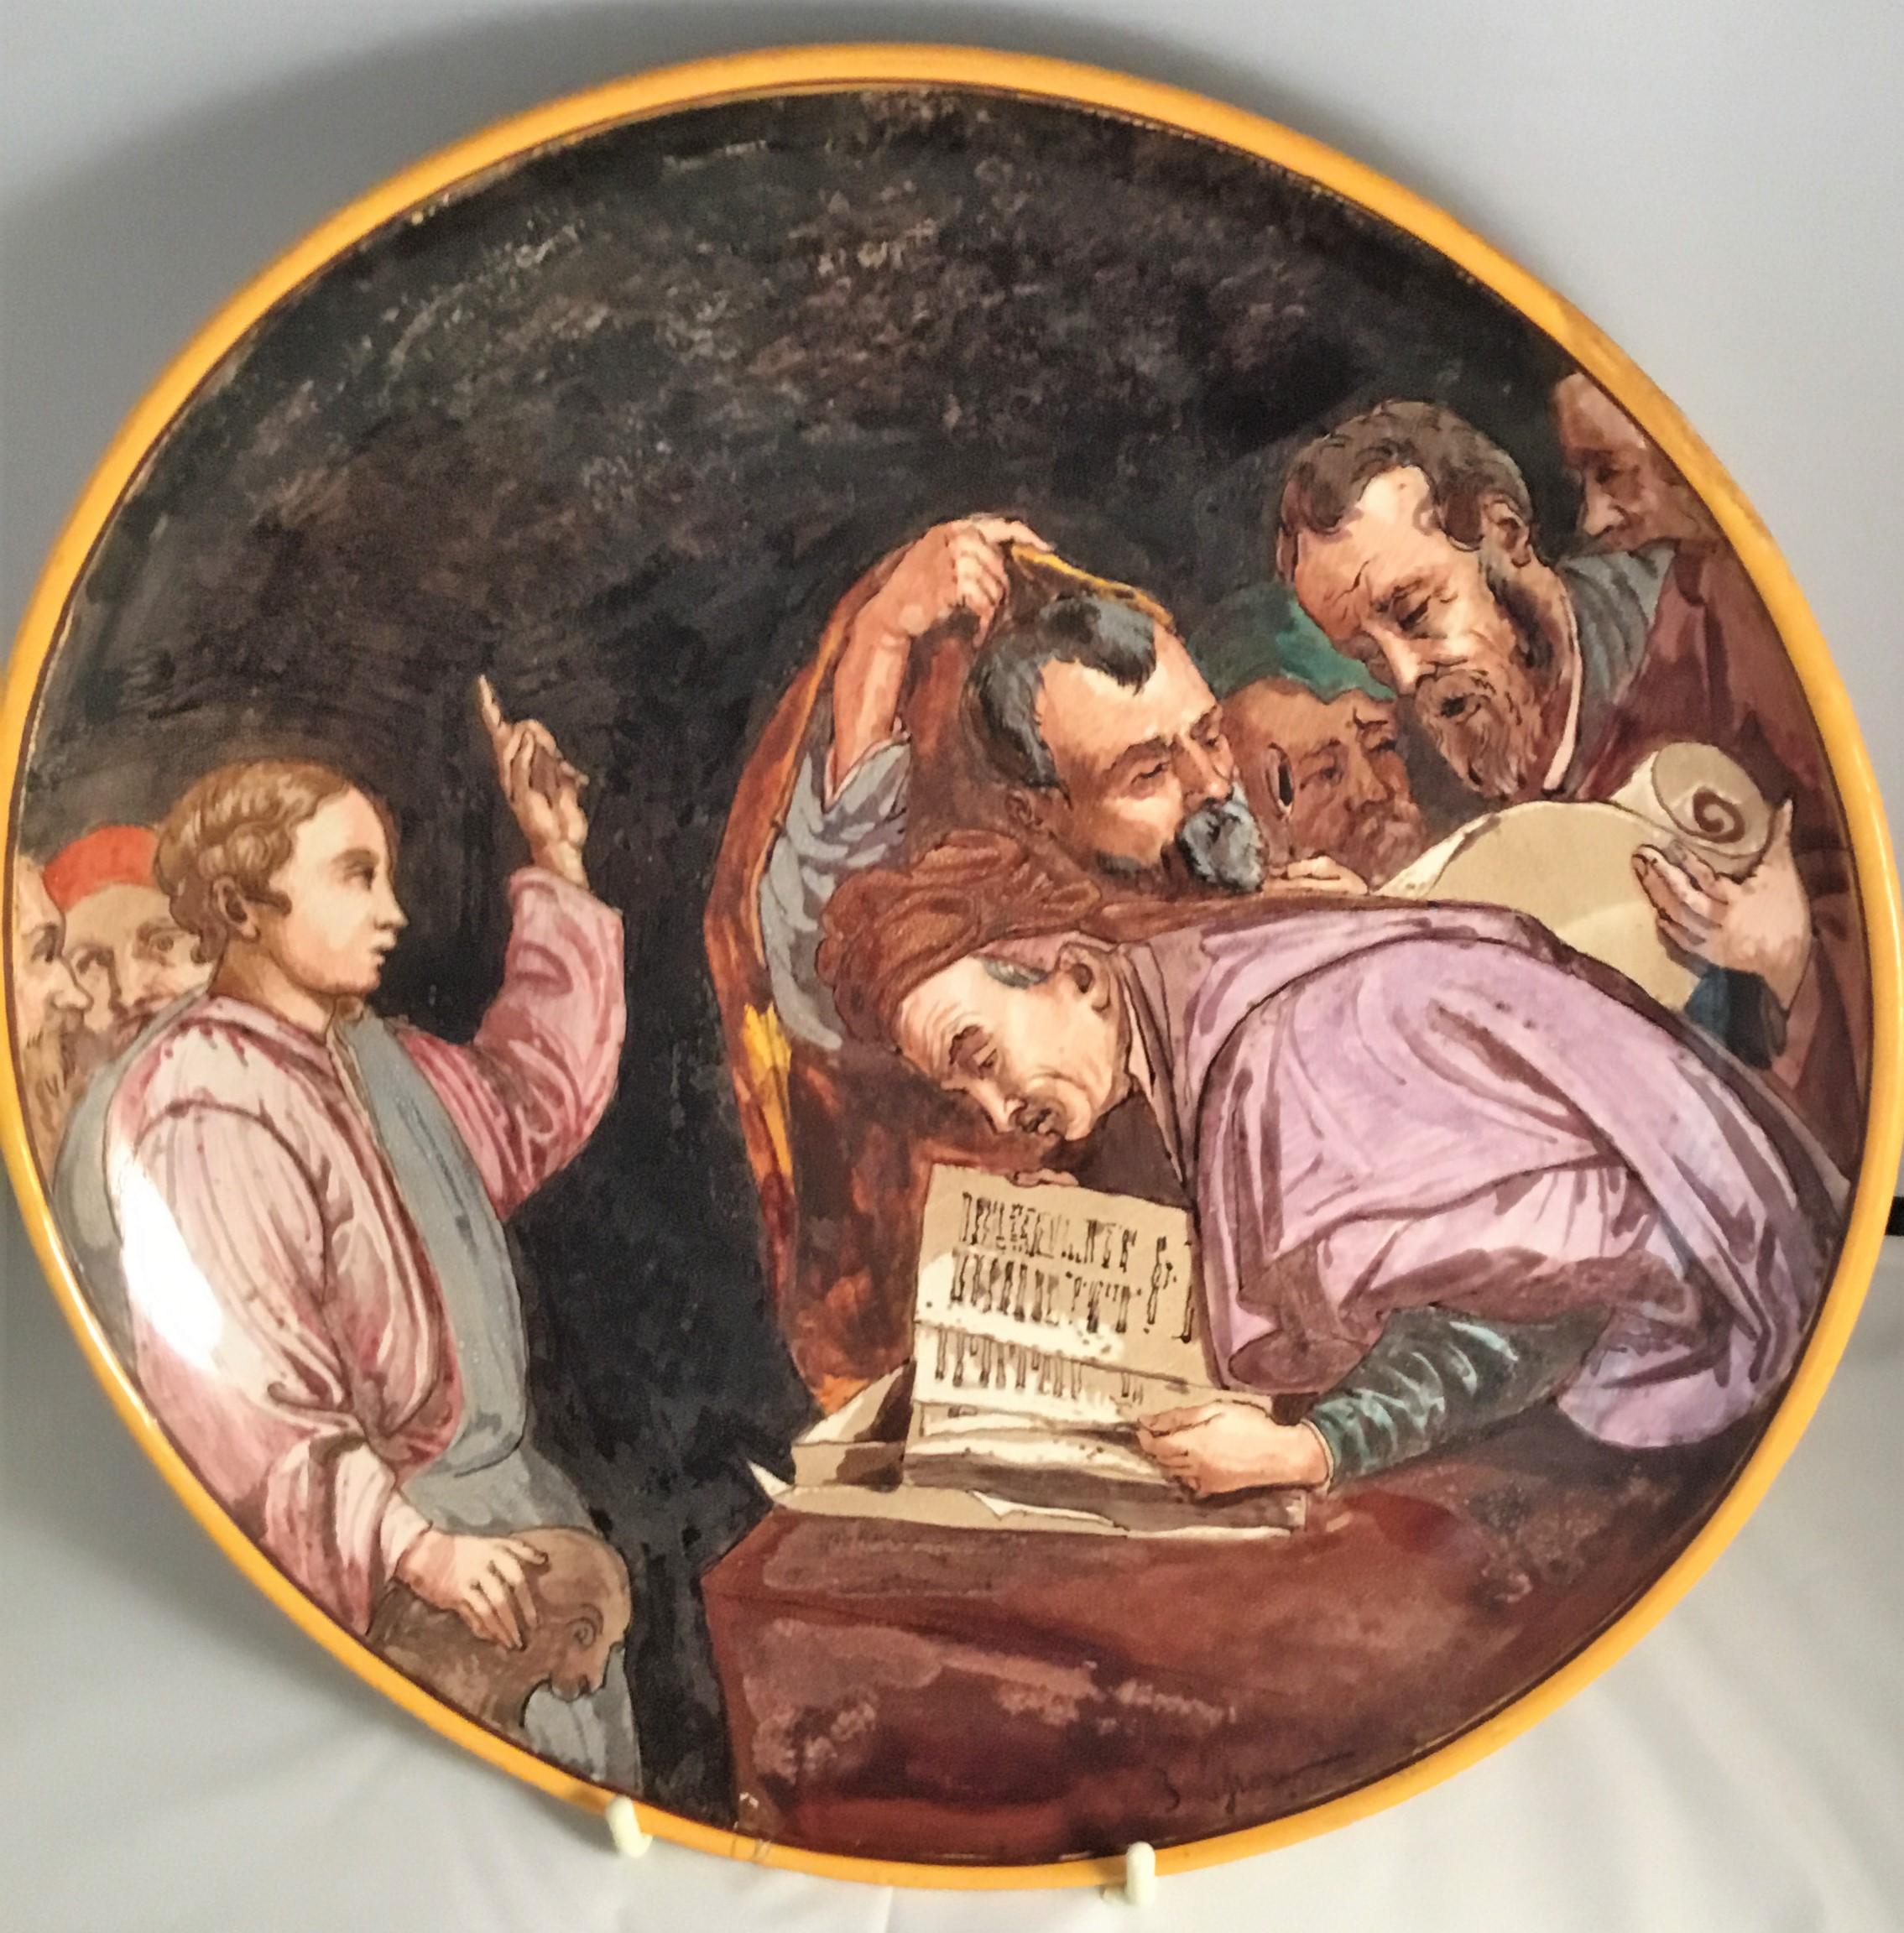 Minton tin-glazed majolica istoriato tondini. Signed to the front by E. Lessore.